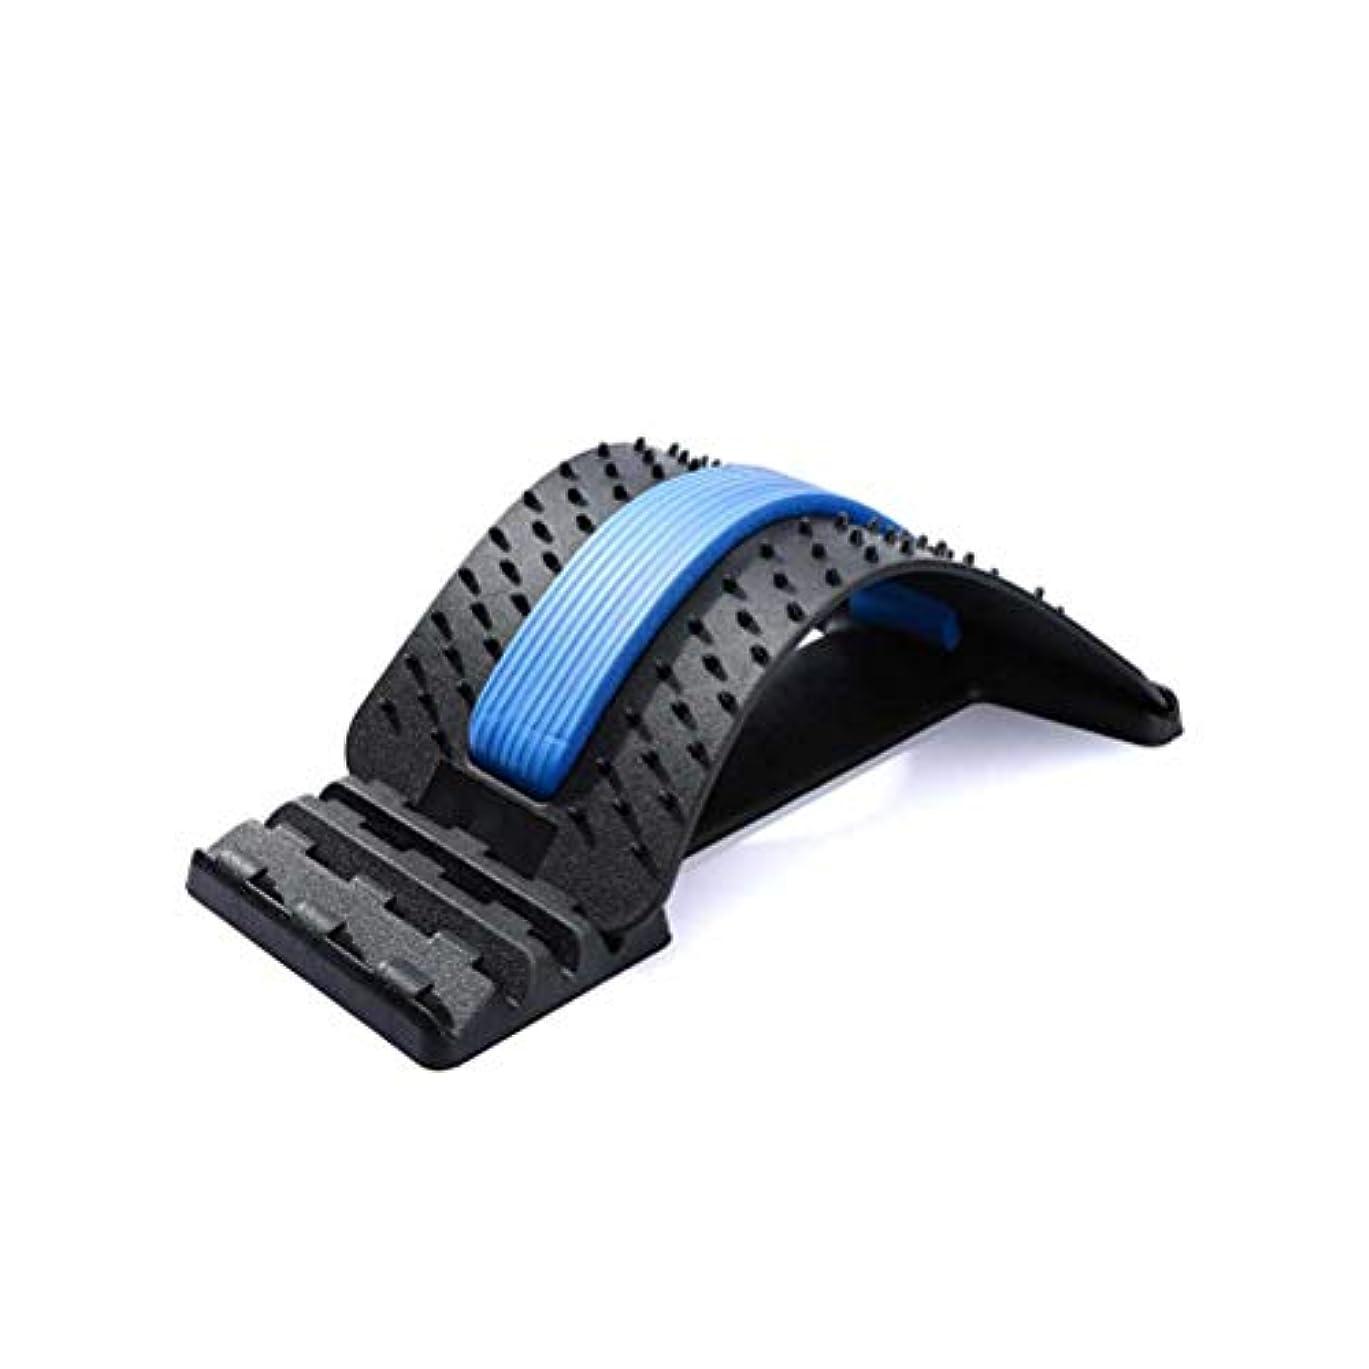 剥ぎ取る調整するキャンプHealifty バックストレッチャー脊椎の痛みを軽減する腰椎牽引ストレッチングデバイス姿勢矯正具